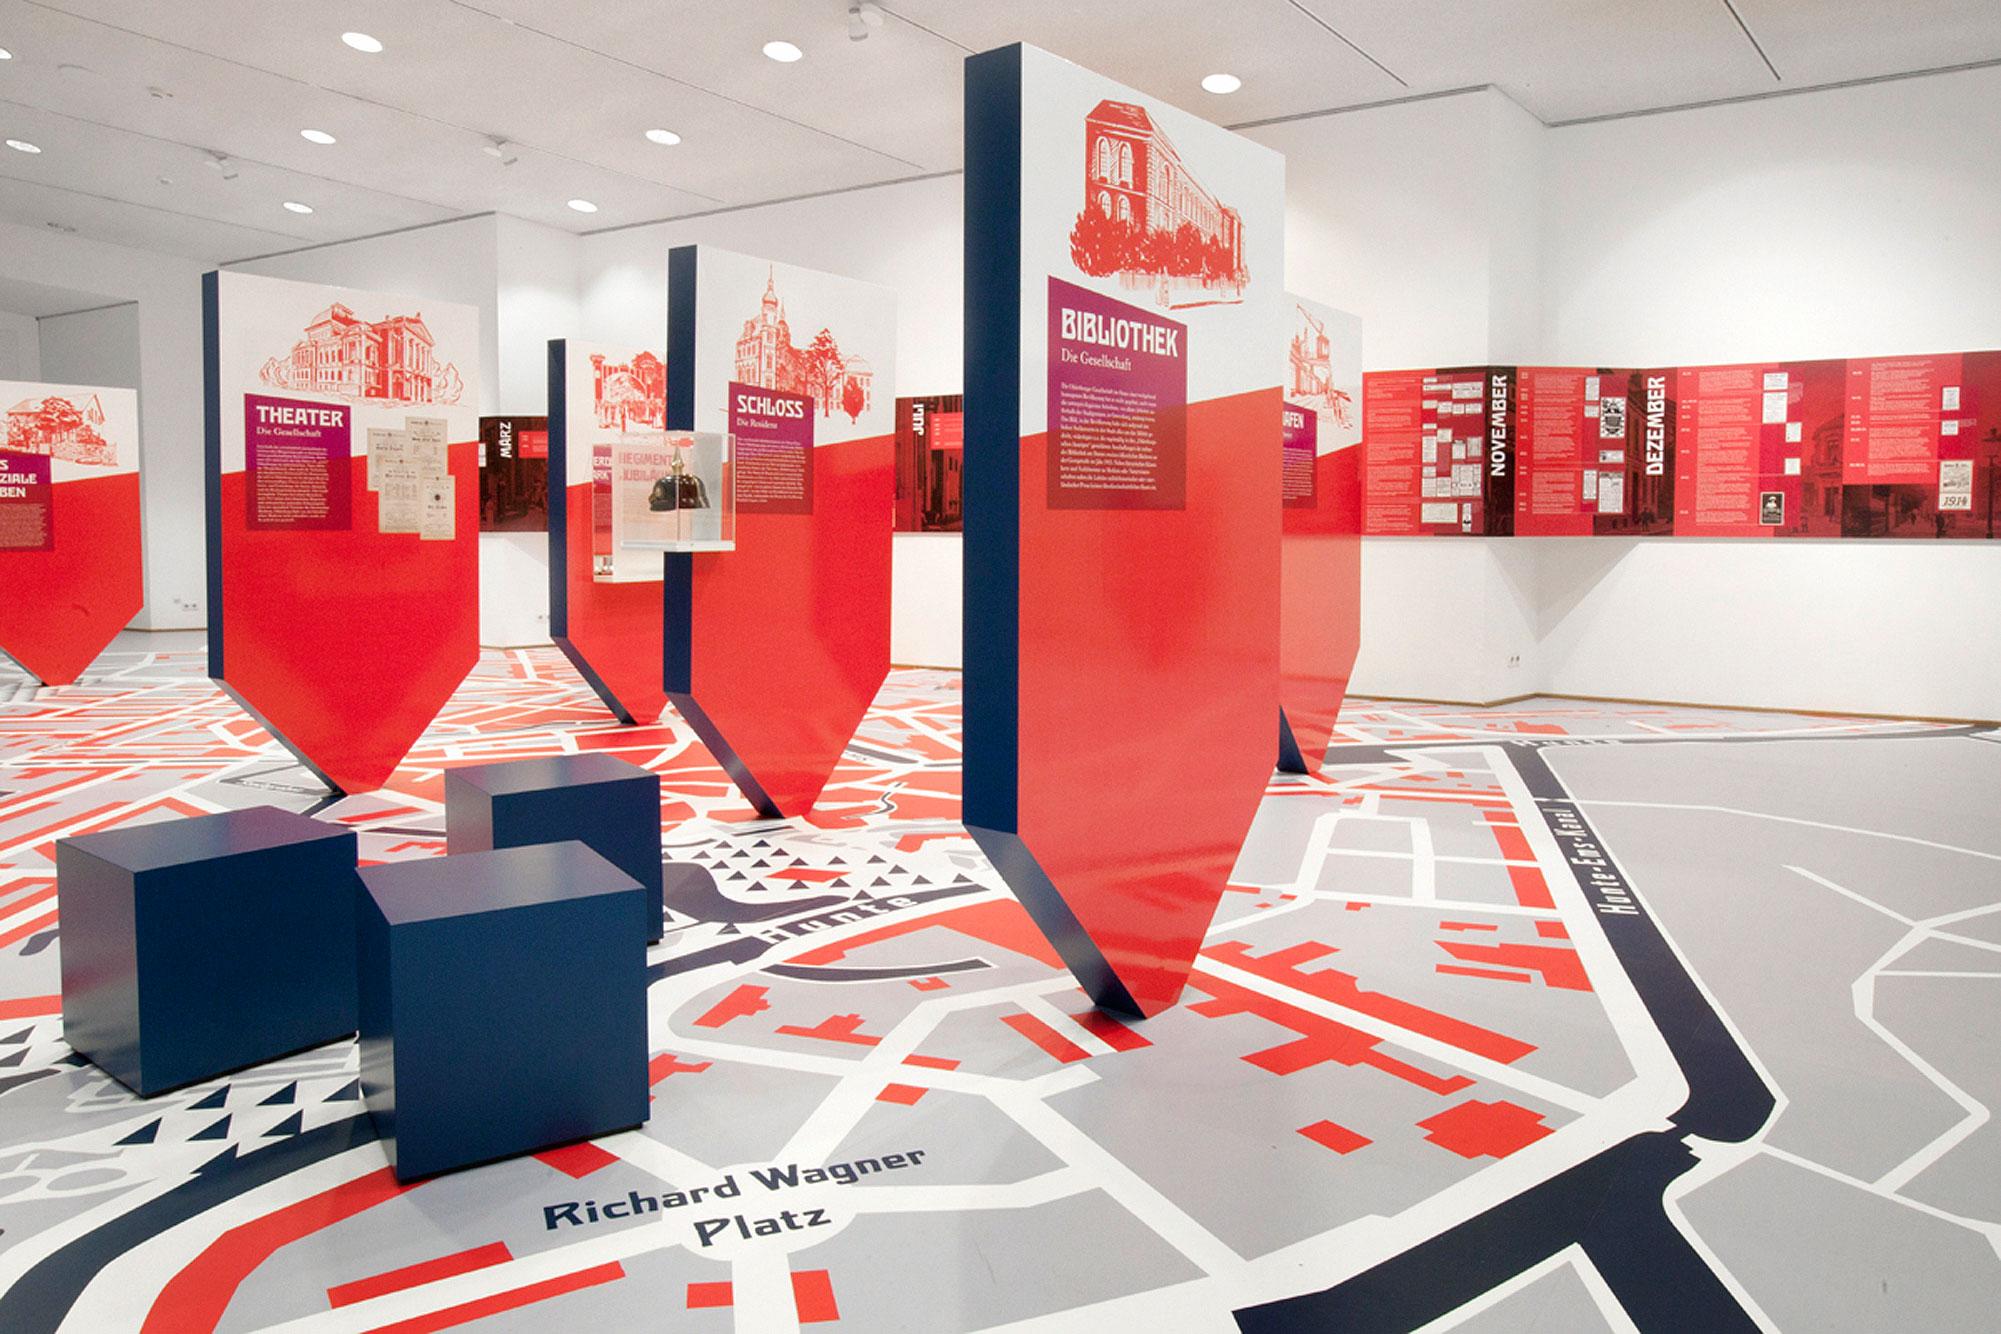 von GROTE Ausstellungsgestaltung und Design / Sehnsucht nach dem Krieg? Am Vorabend des Ersten Weltkriegs: Oldenburg 1913